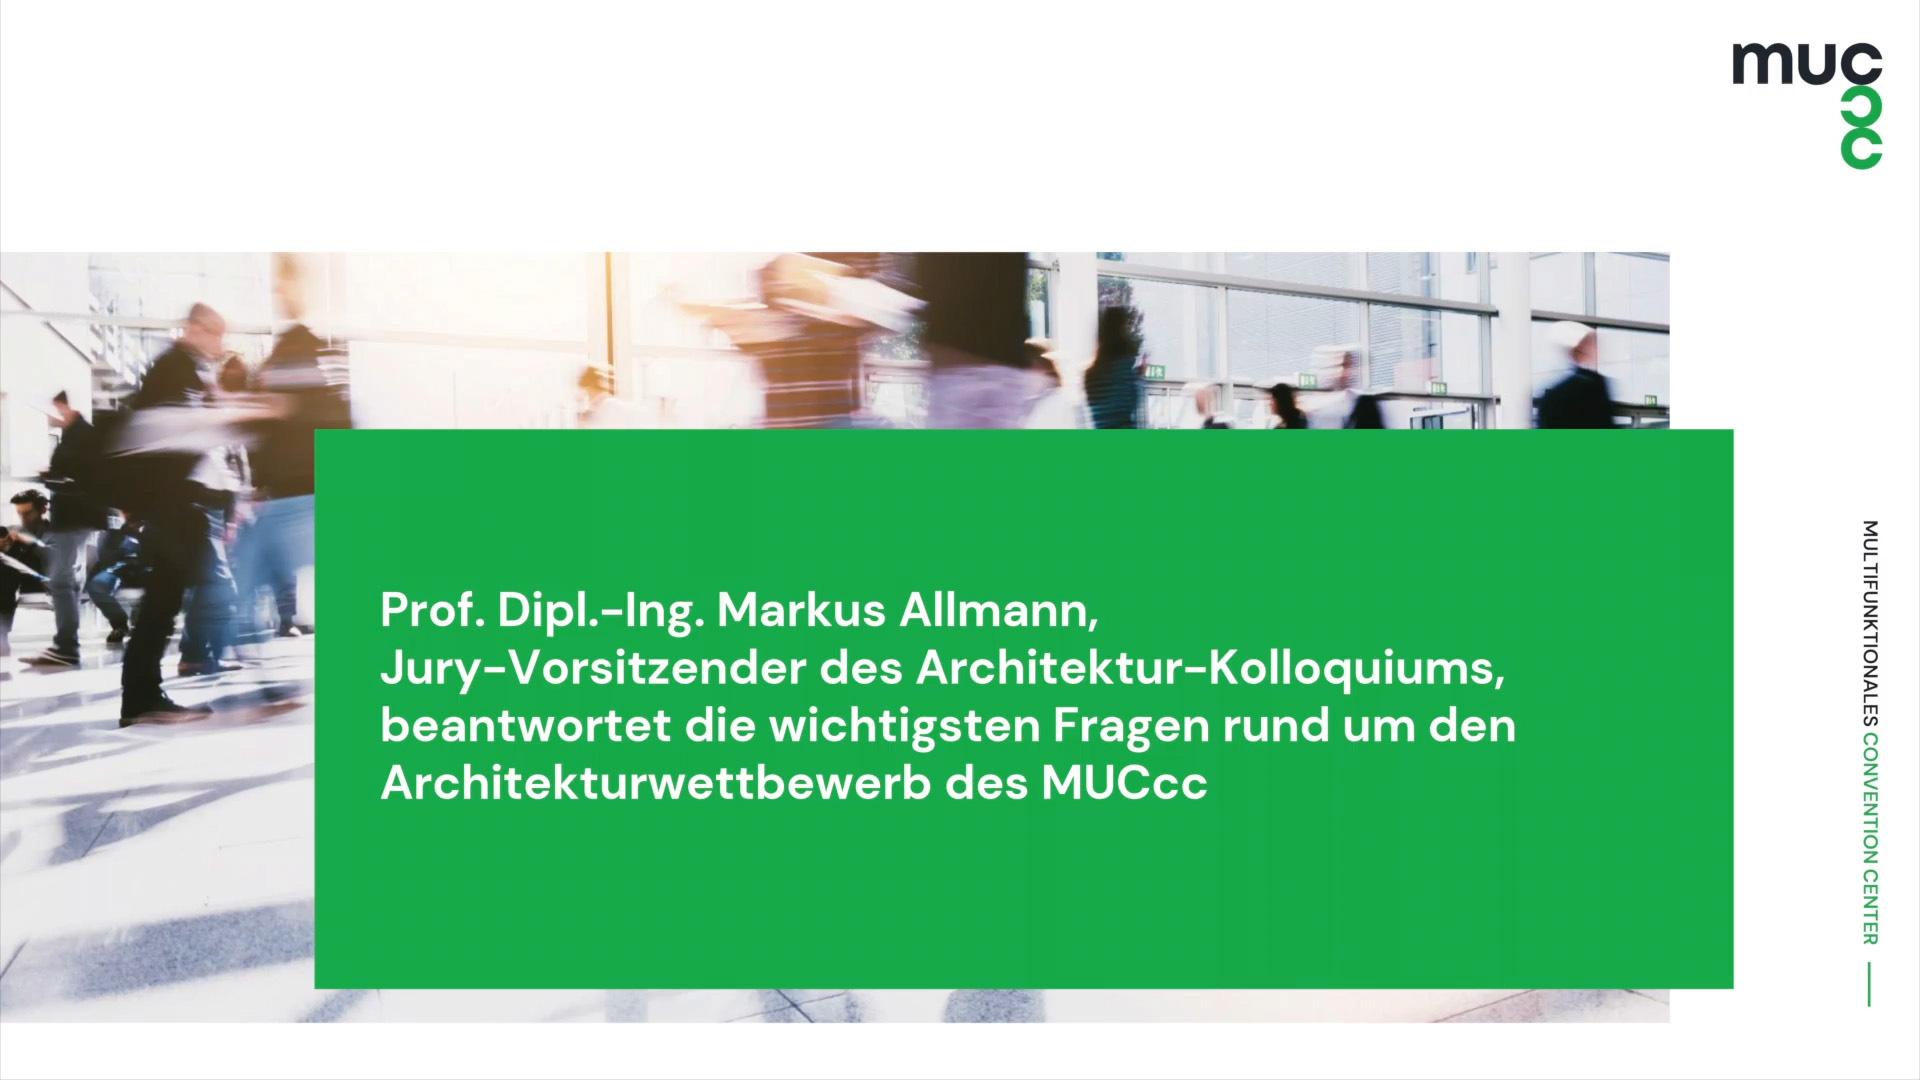 MUCcc; SWMunich, Veranstaltungszentrum; Konzerthalle München; Brand PR/Marken PR